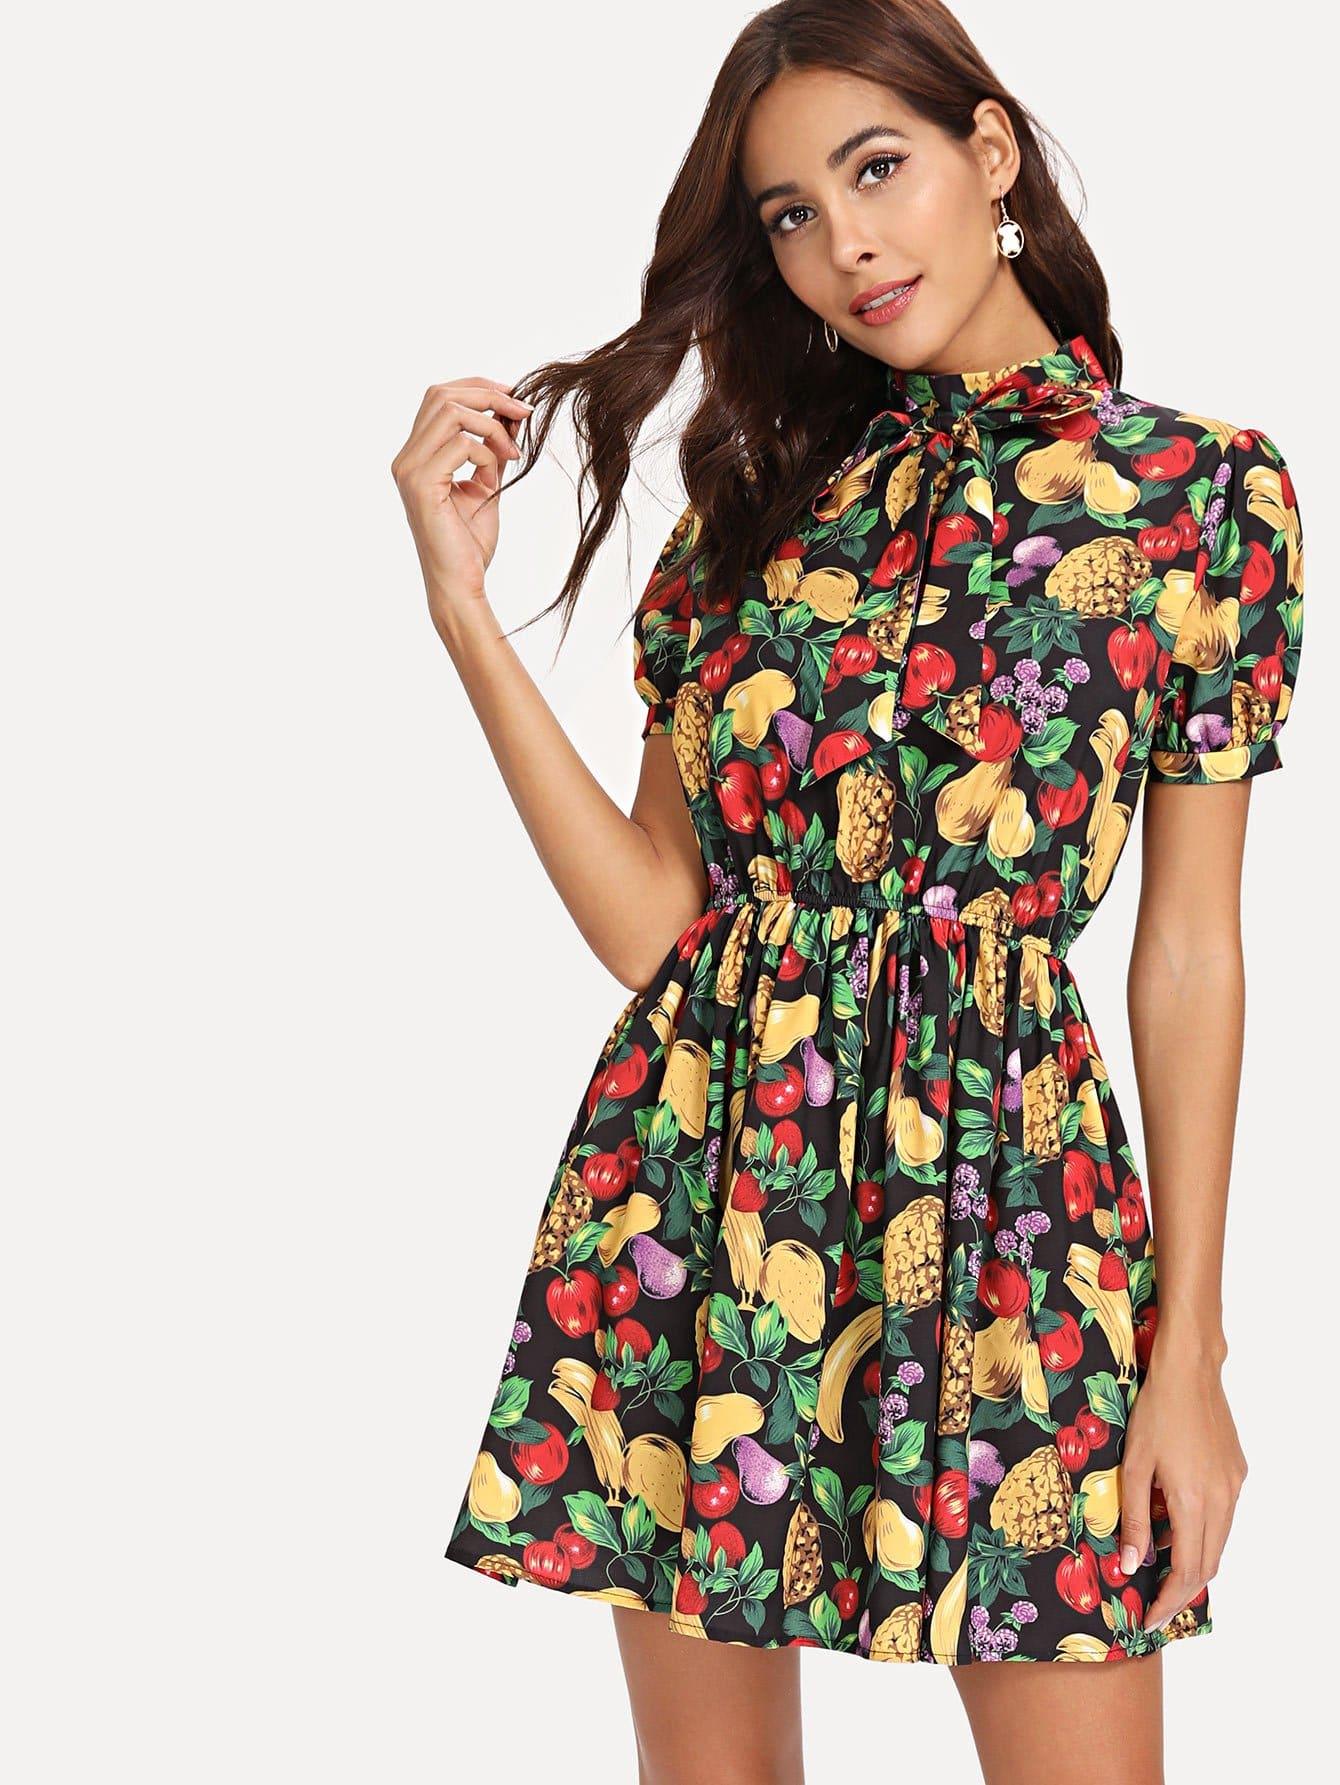 Купить Платье с принтом фрукты, Giulia, SheIn